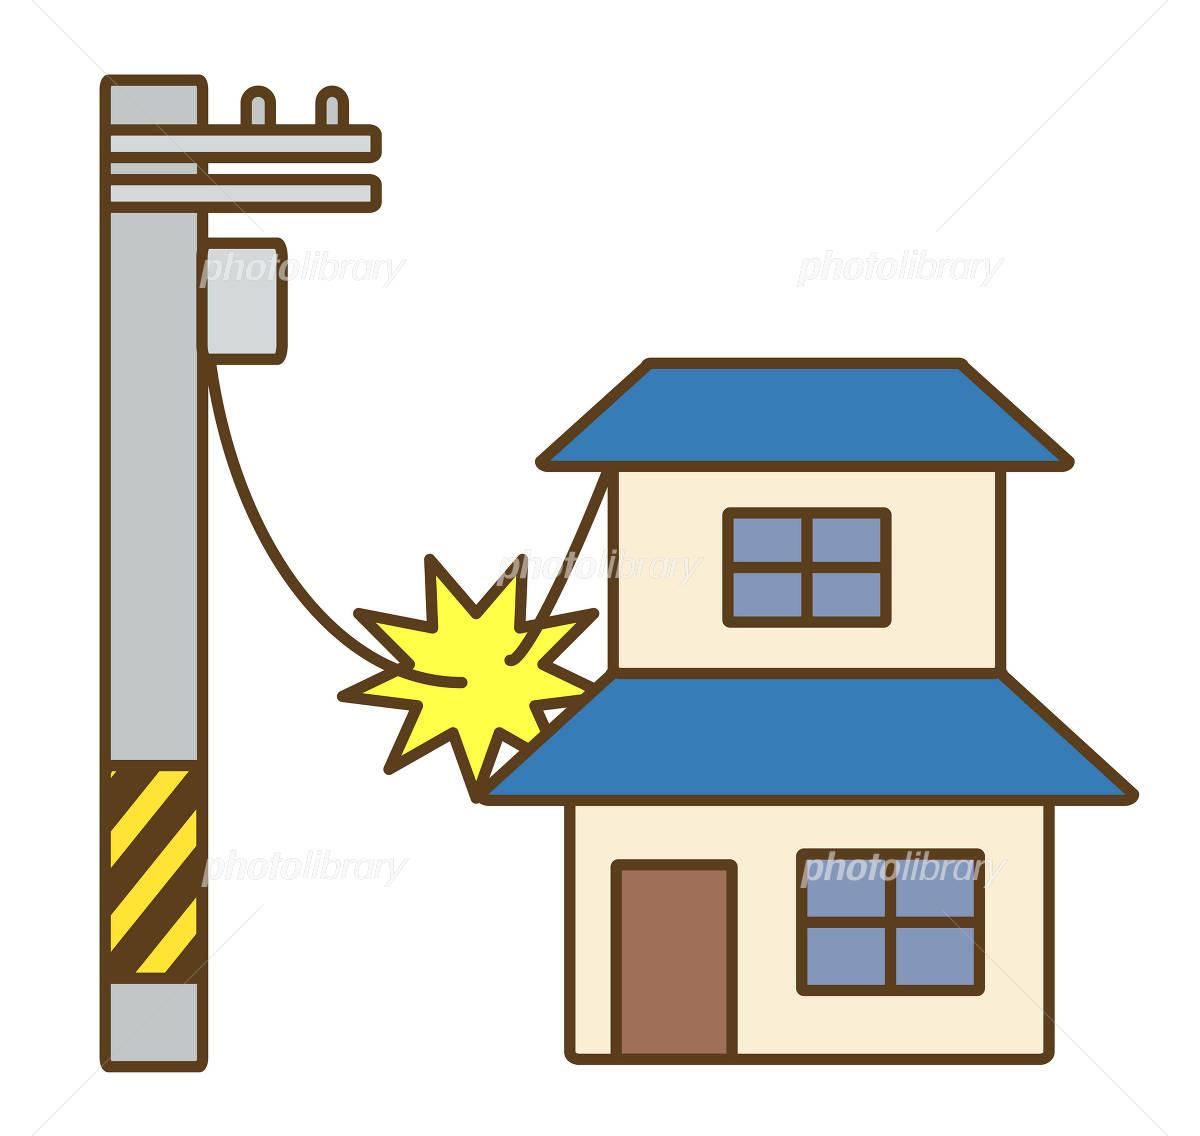 「停電」に関する画像一覧 「停電」に関する画像は見つかりませんでした。 さらに画像を見る 「停電